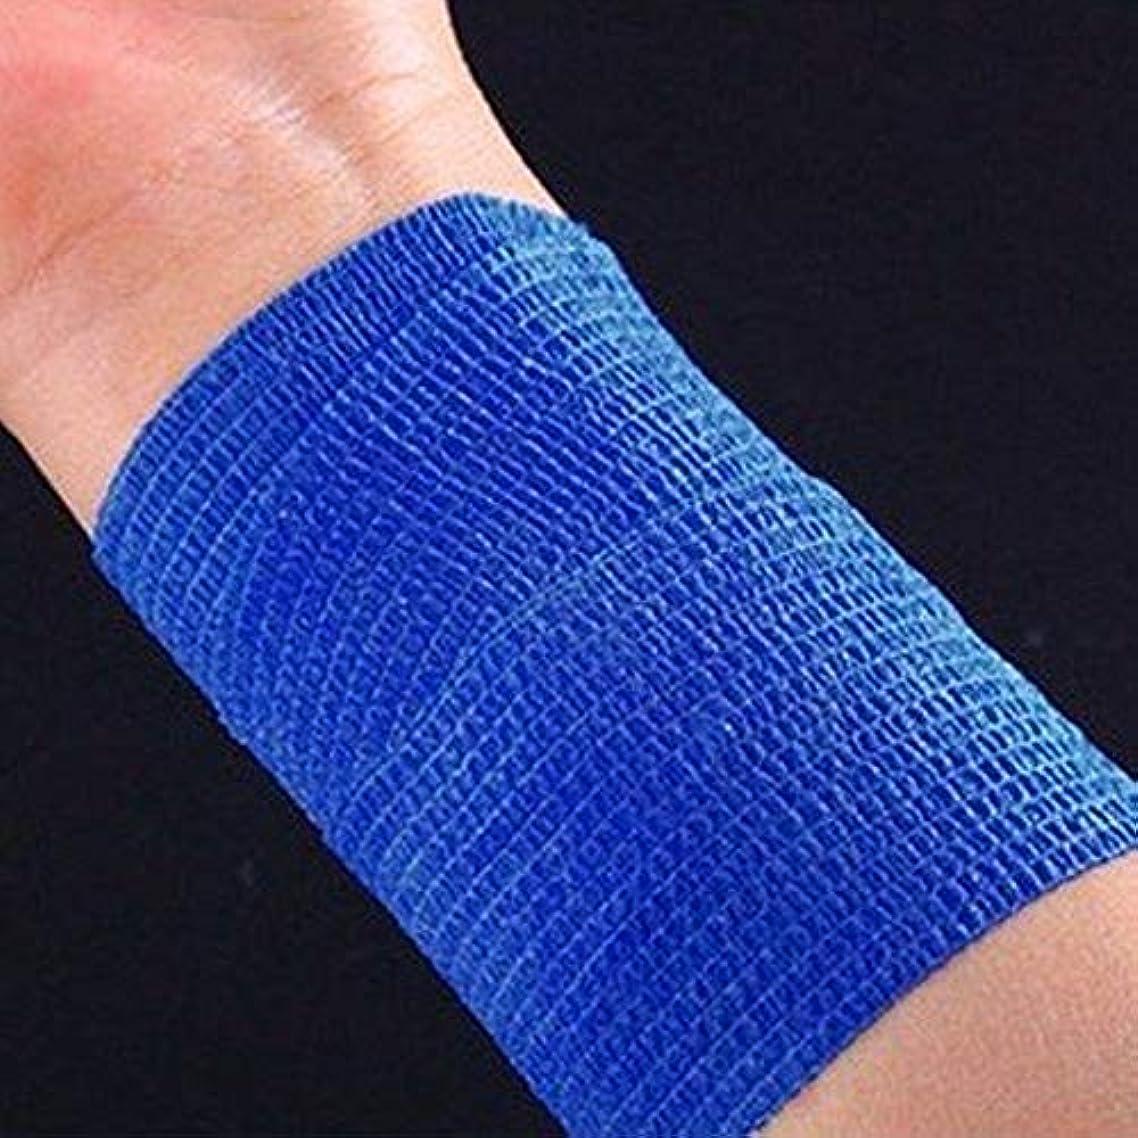 アリーナ教会大脳Pichidr-JP 自己接着包帯足首の捻挫、腫れや手首のための2インチの便利な弾性包帯